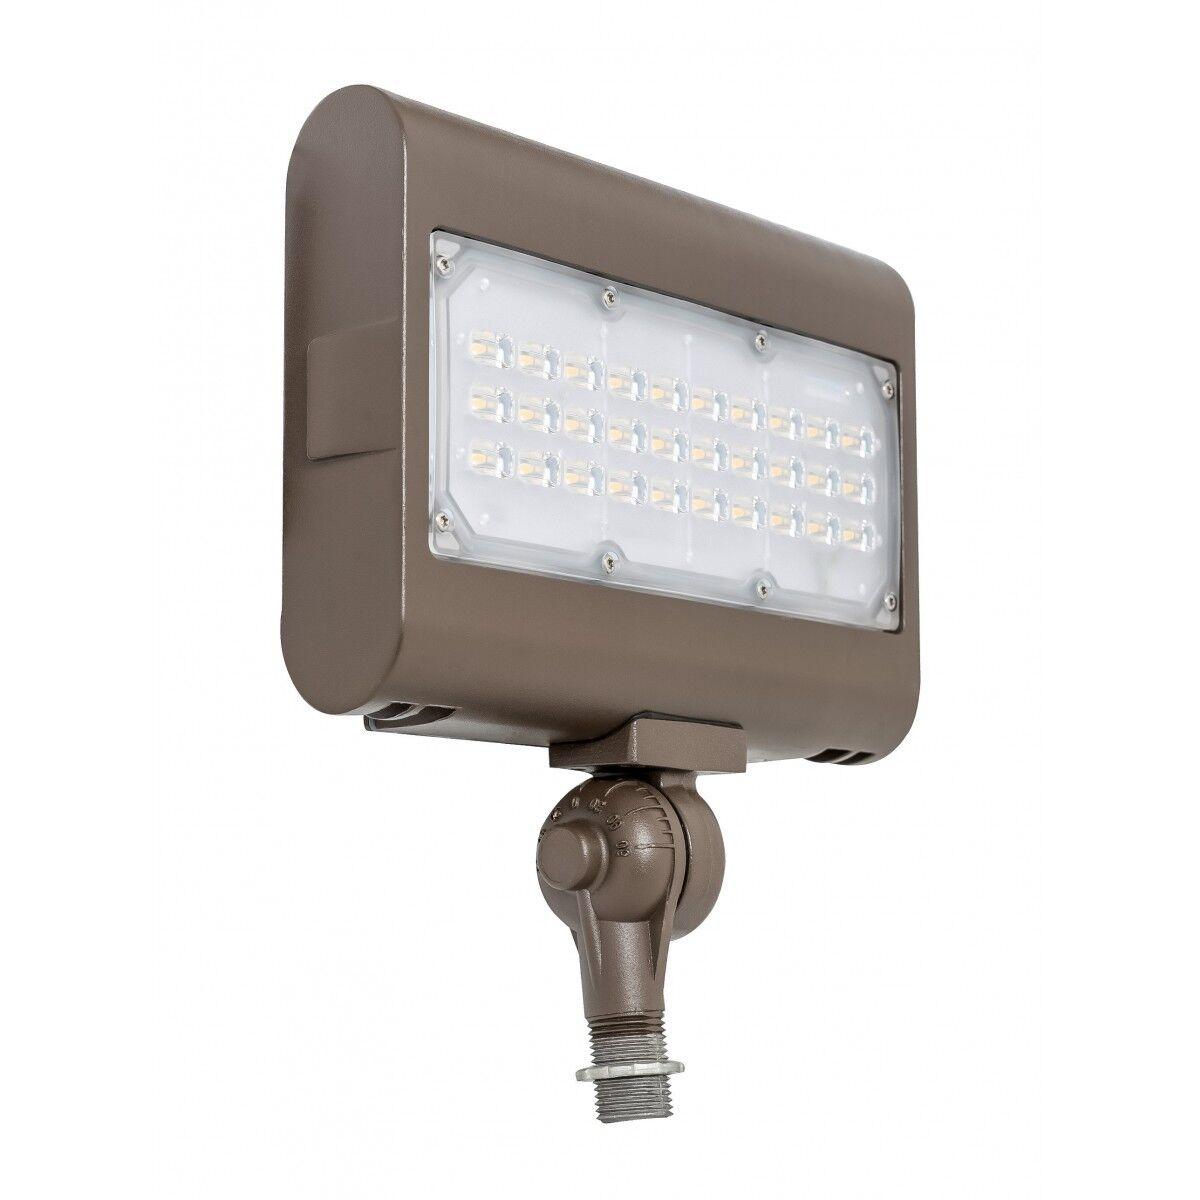 LF3-50WW-KN Westgate LED 50W blancoo Cálido Lámpara de luz de inundación